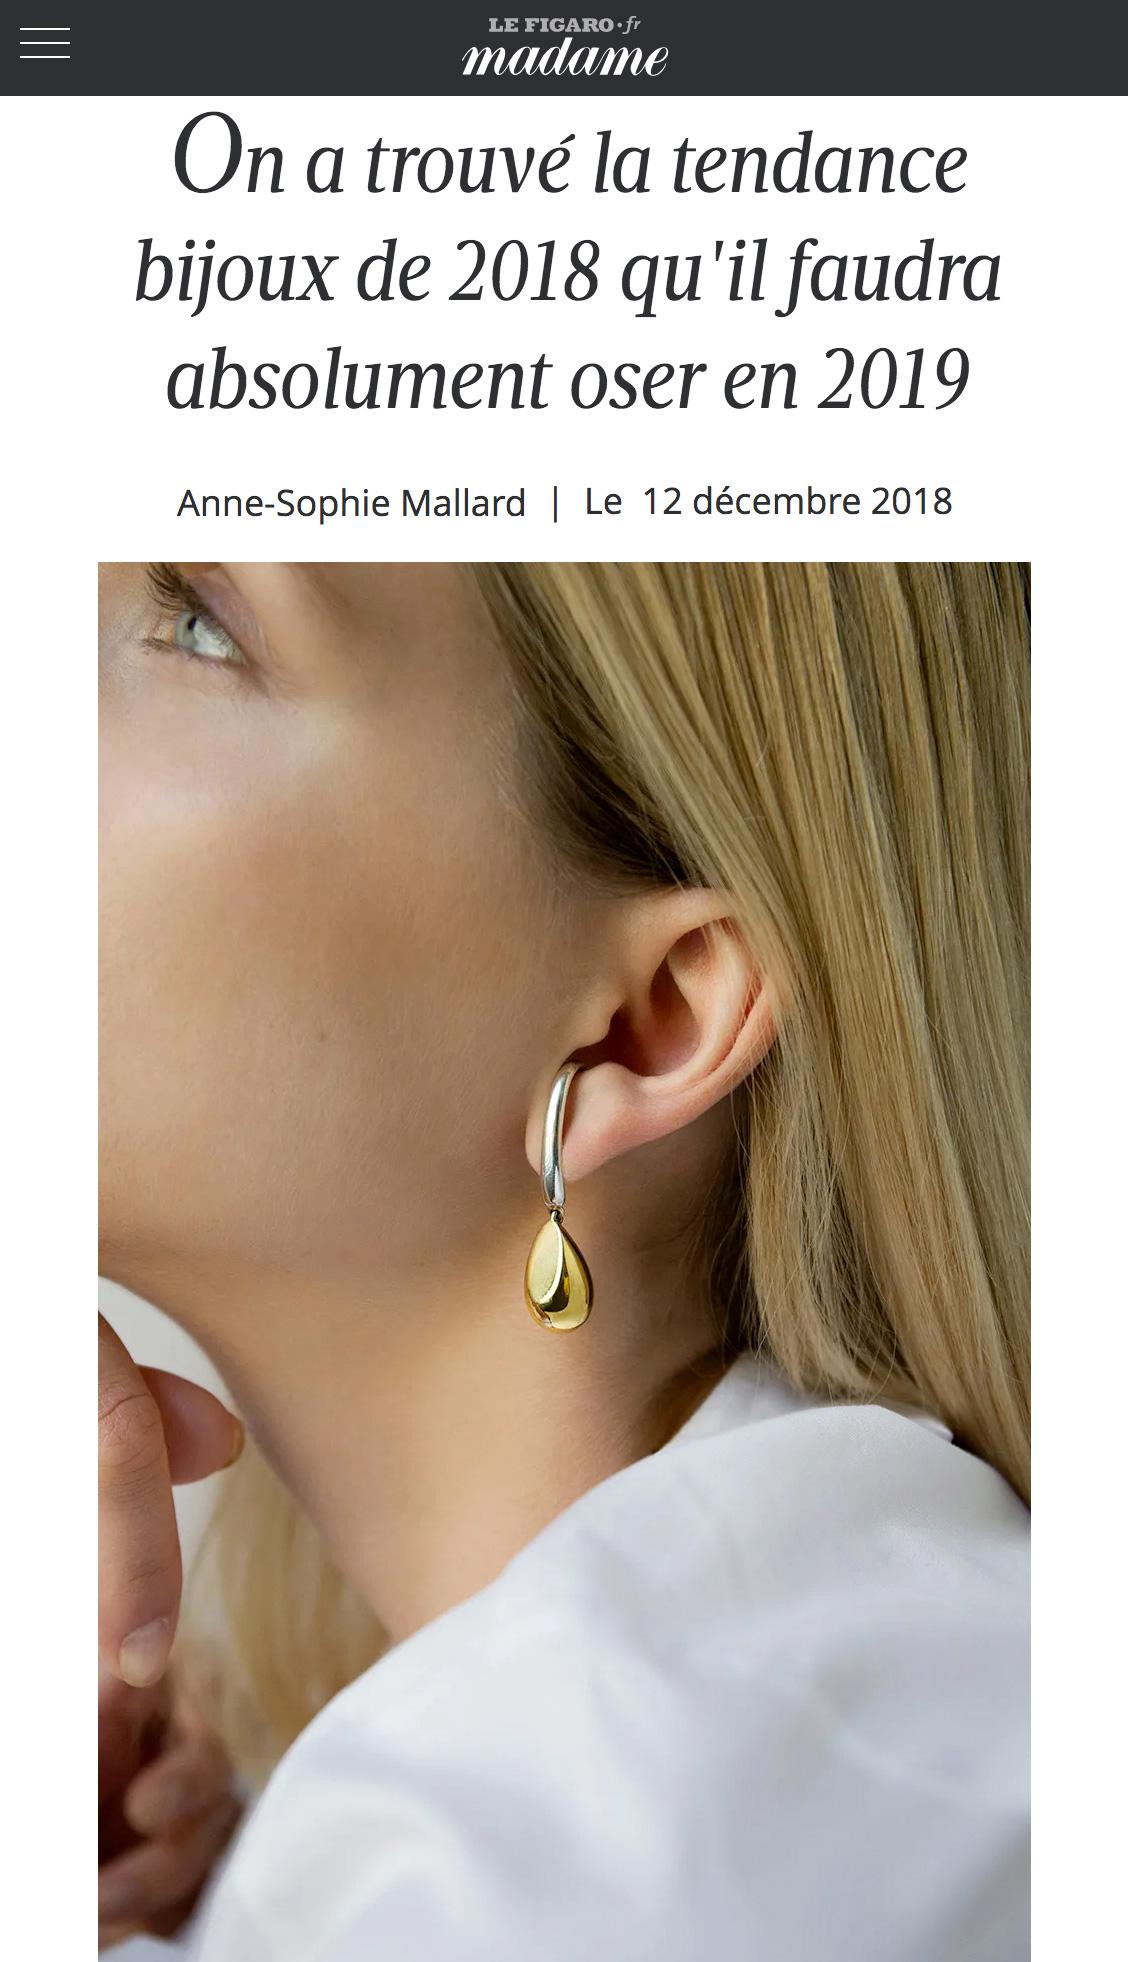 Madame Figaro - On a trouvé la tendance bijoux de 2018 qu'il faudra absolument oser en 2019.